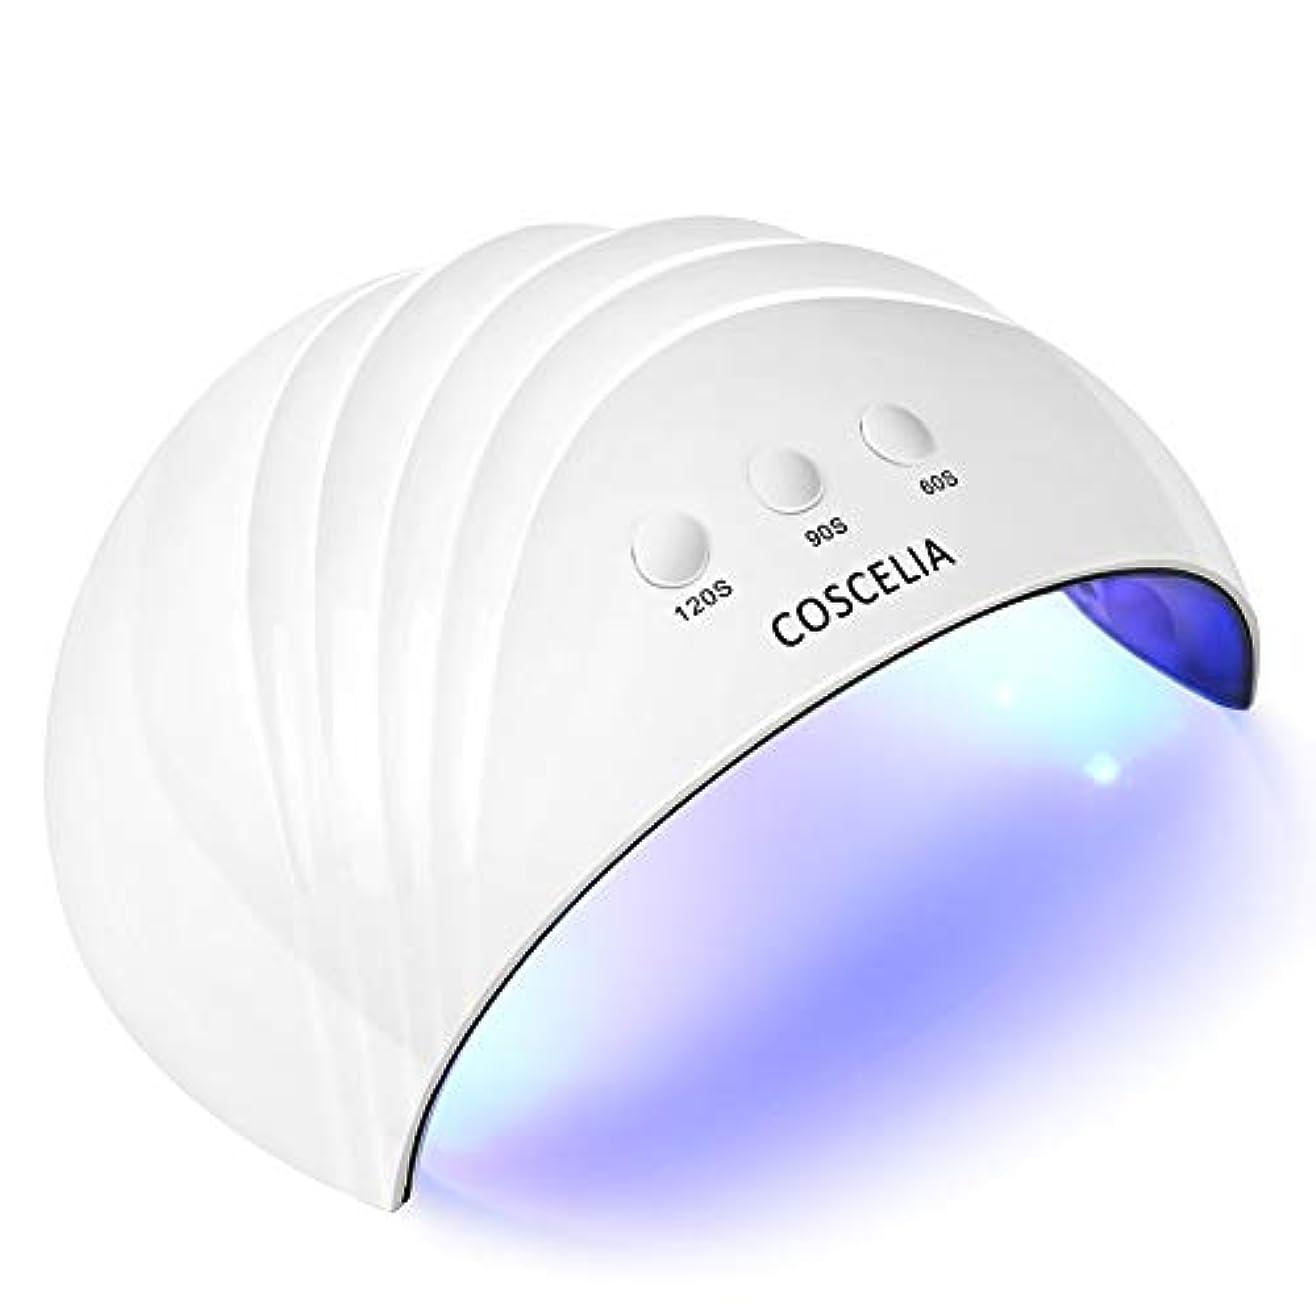 第三コンペ証書24W ホワイト ネイルライト 硬化用UV/LEDライト ネイルドライヤー ネイル道具?ケアツール 硬化用ライト マニキュア ネイルアートツール